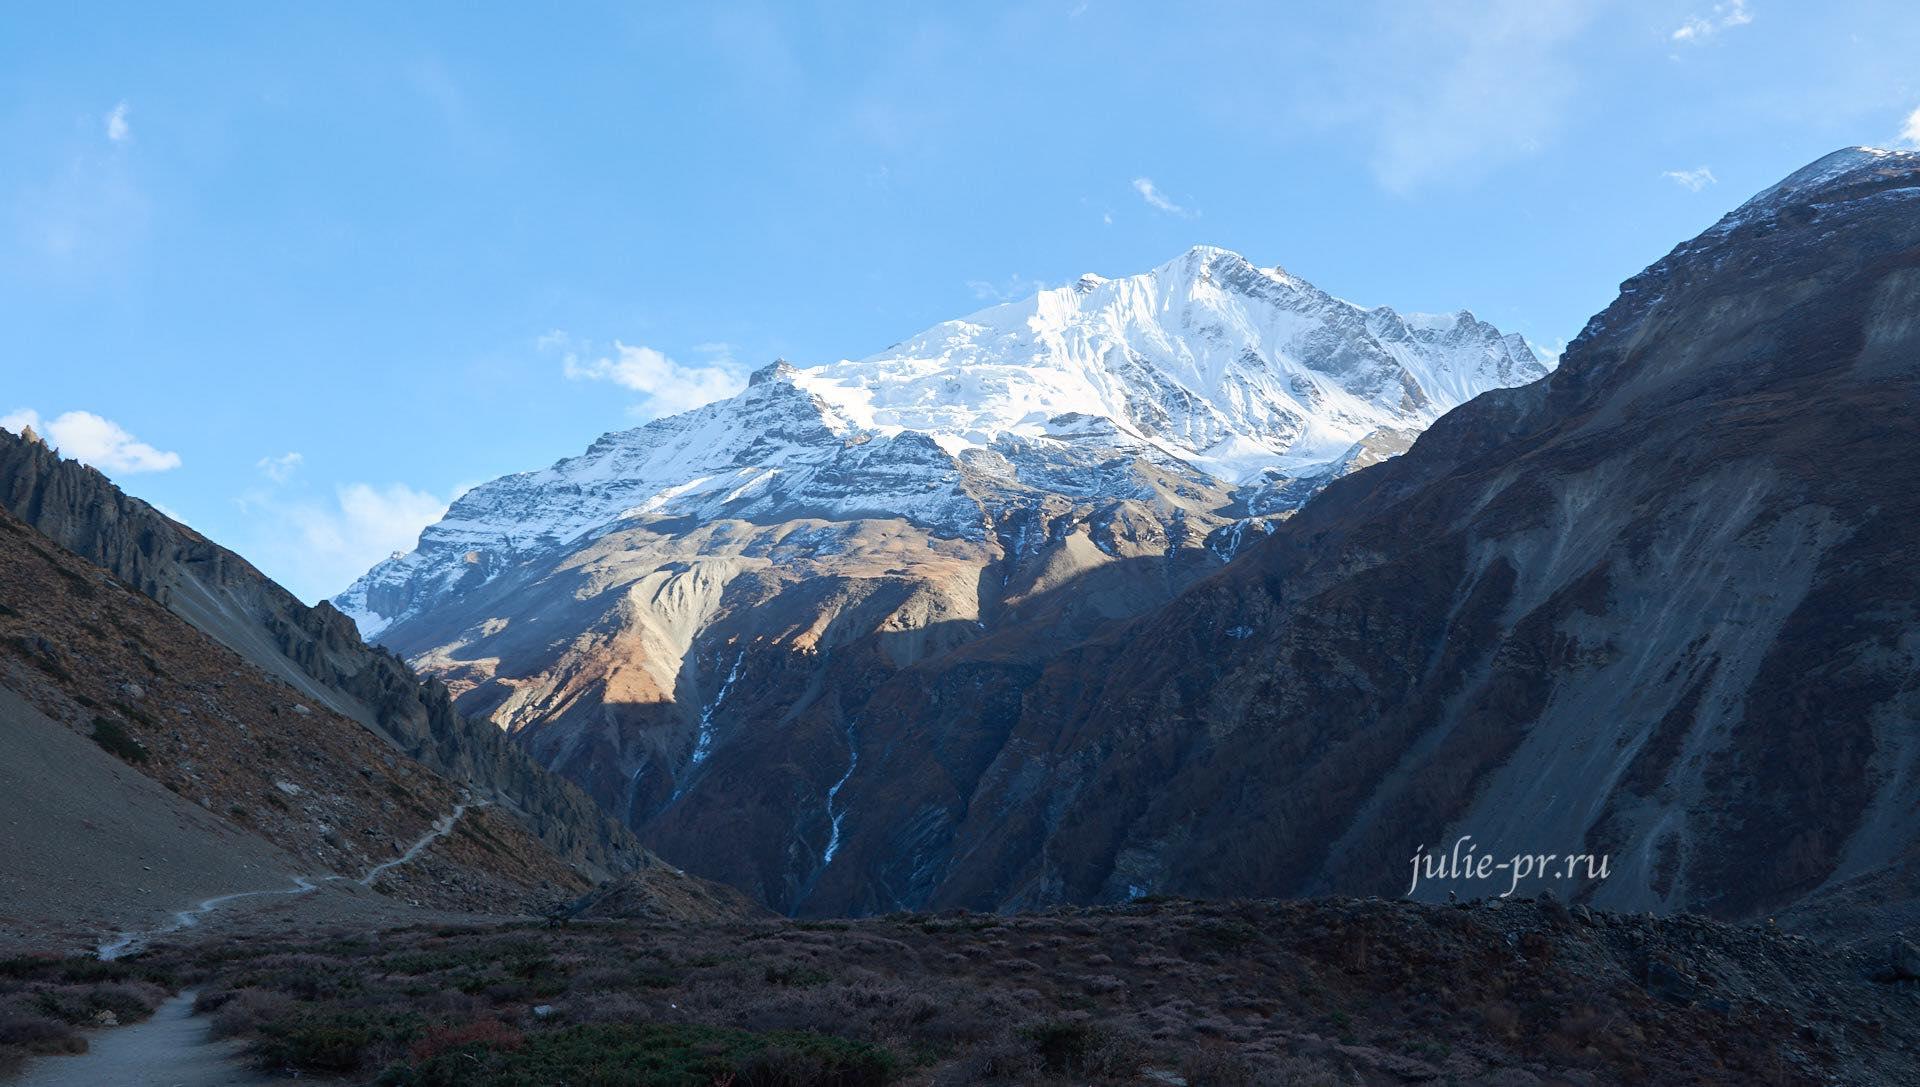 Непал, Аннапурна. Базовый лагерь Тиличо